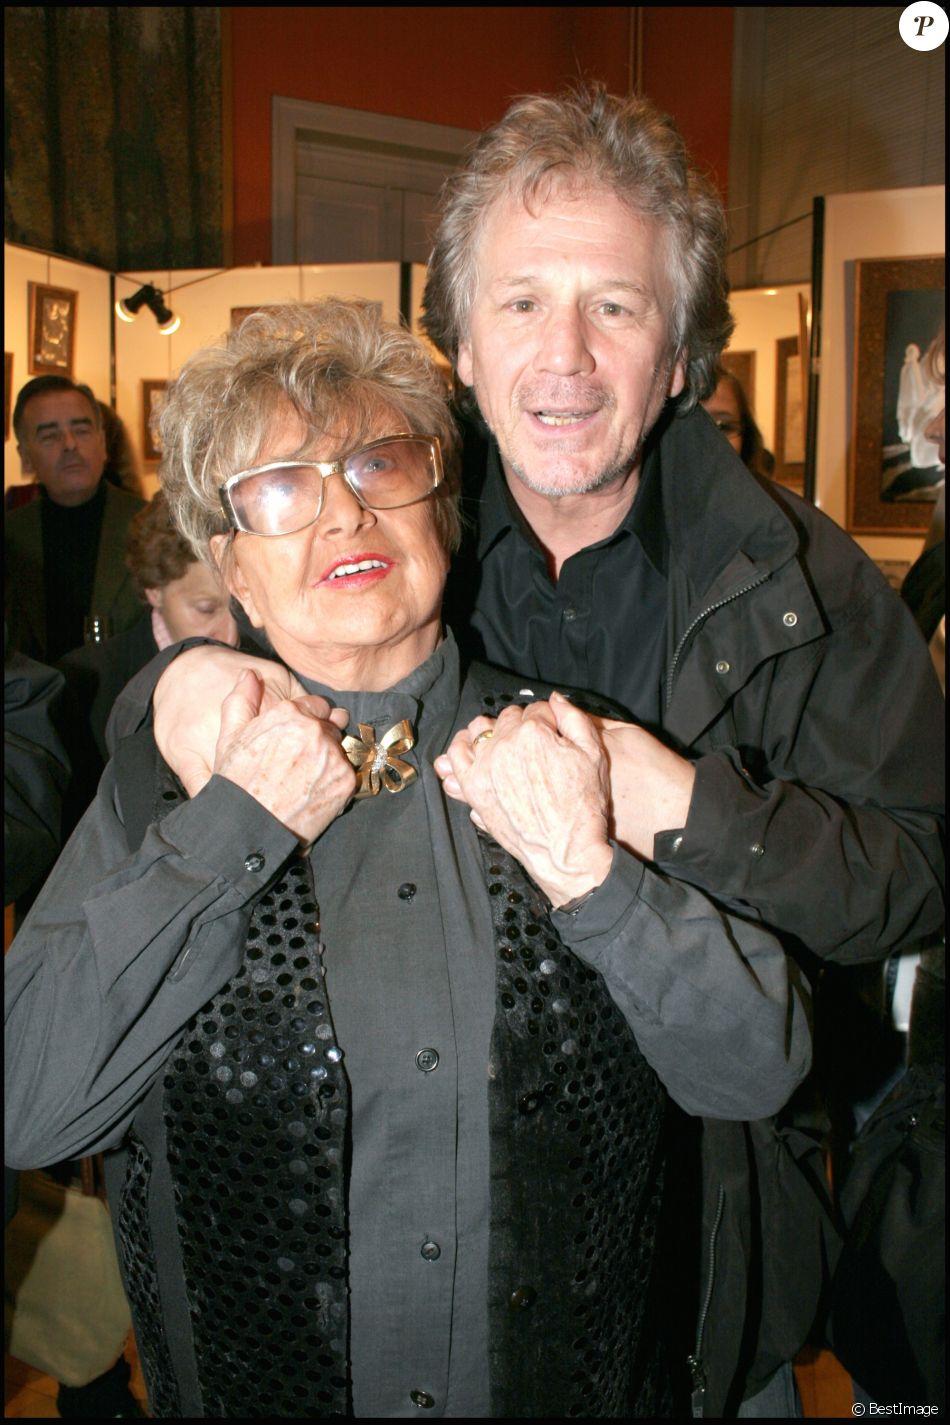 """Mick Micheyl et Gérard Lenorman - Vernissage de l'exposition """"Aciers graves"""" et 85e anniversaire de Mick Micheyl à la mairie du 16e arrondissement de Paris, le 22 février 2007."""